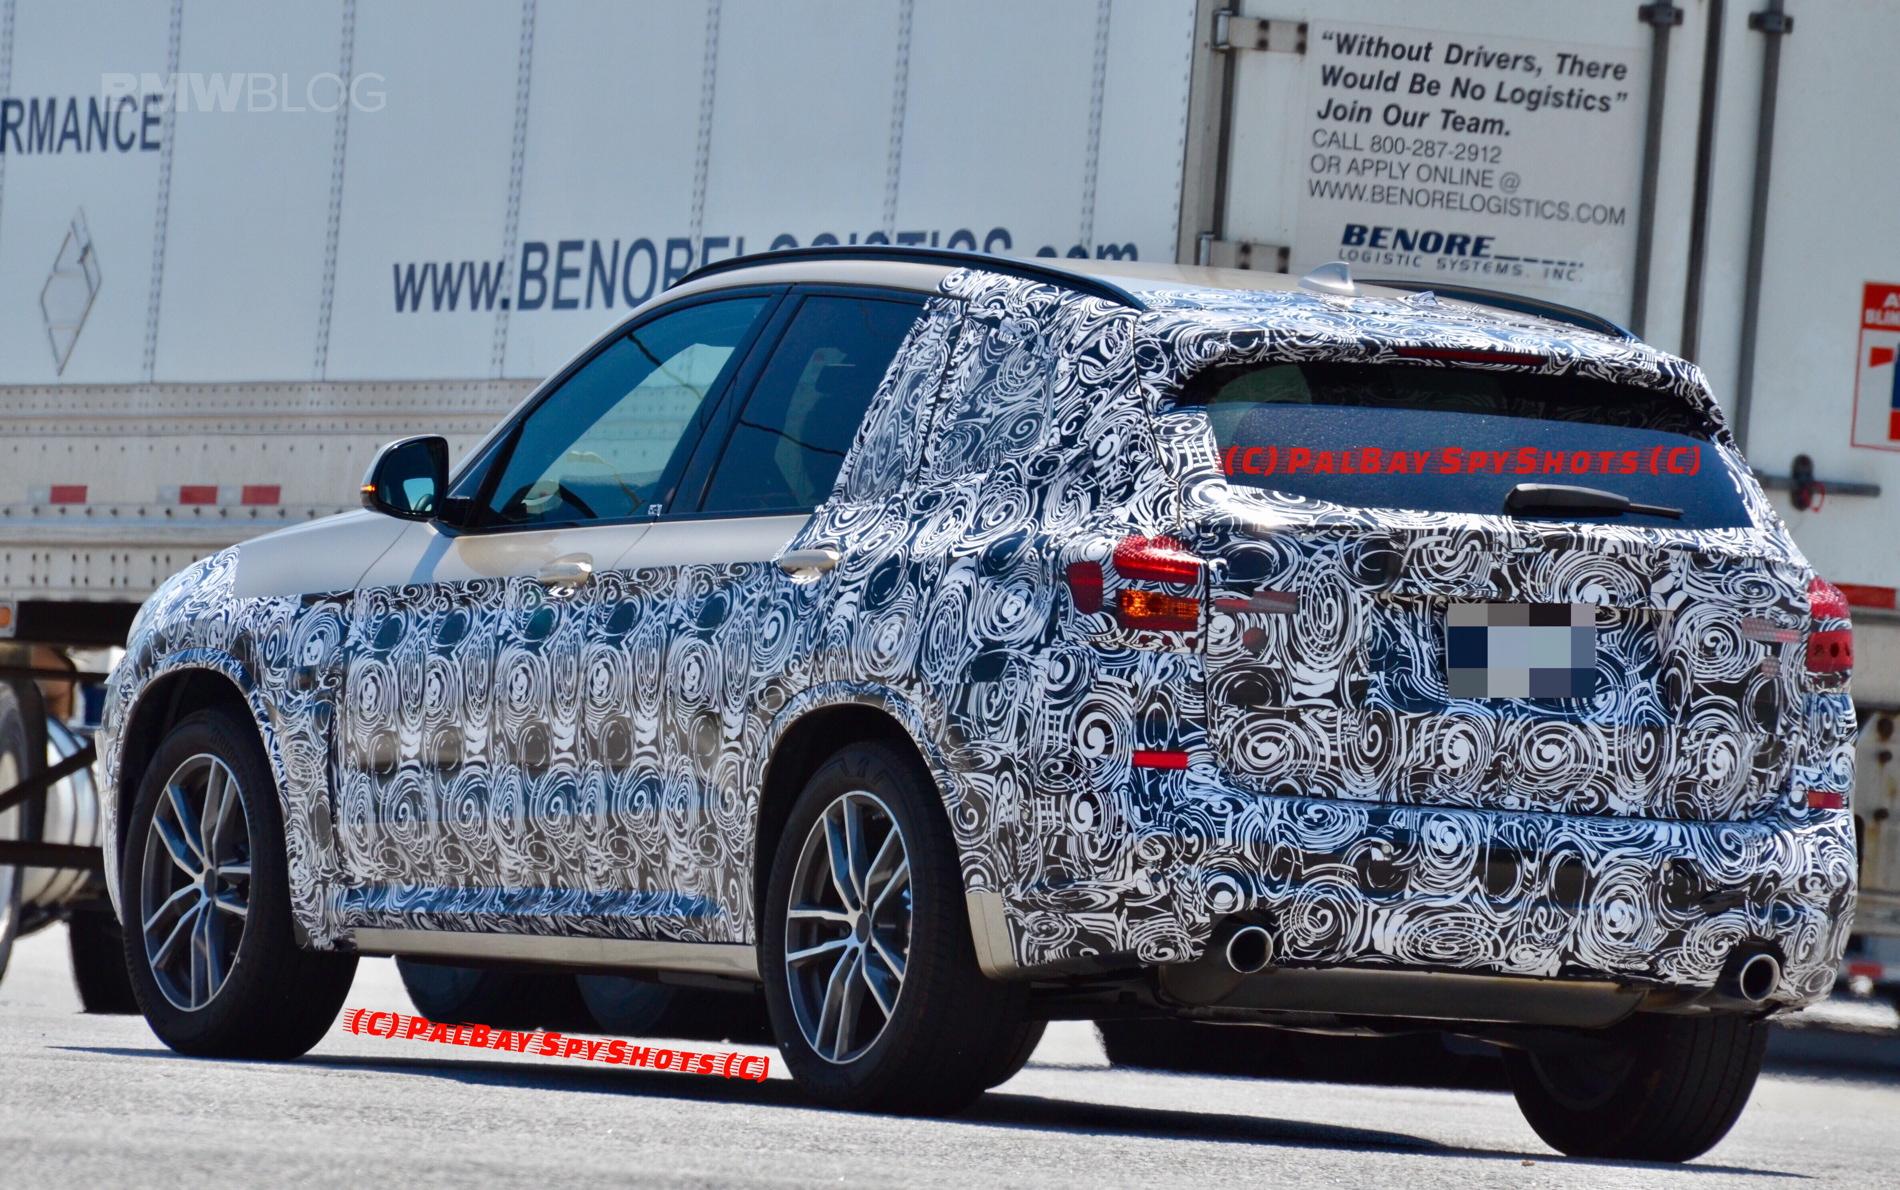 G01 BMW X3 spied spartanburg 07